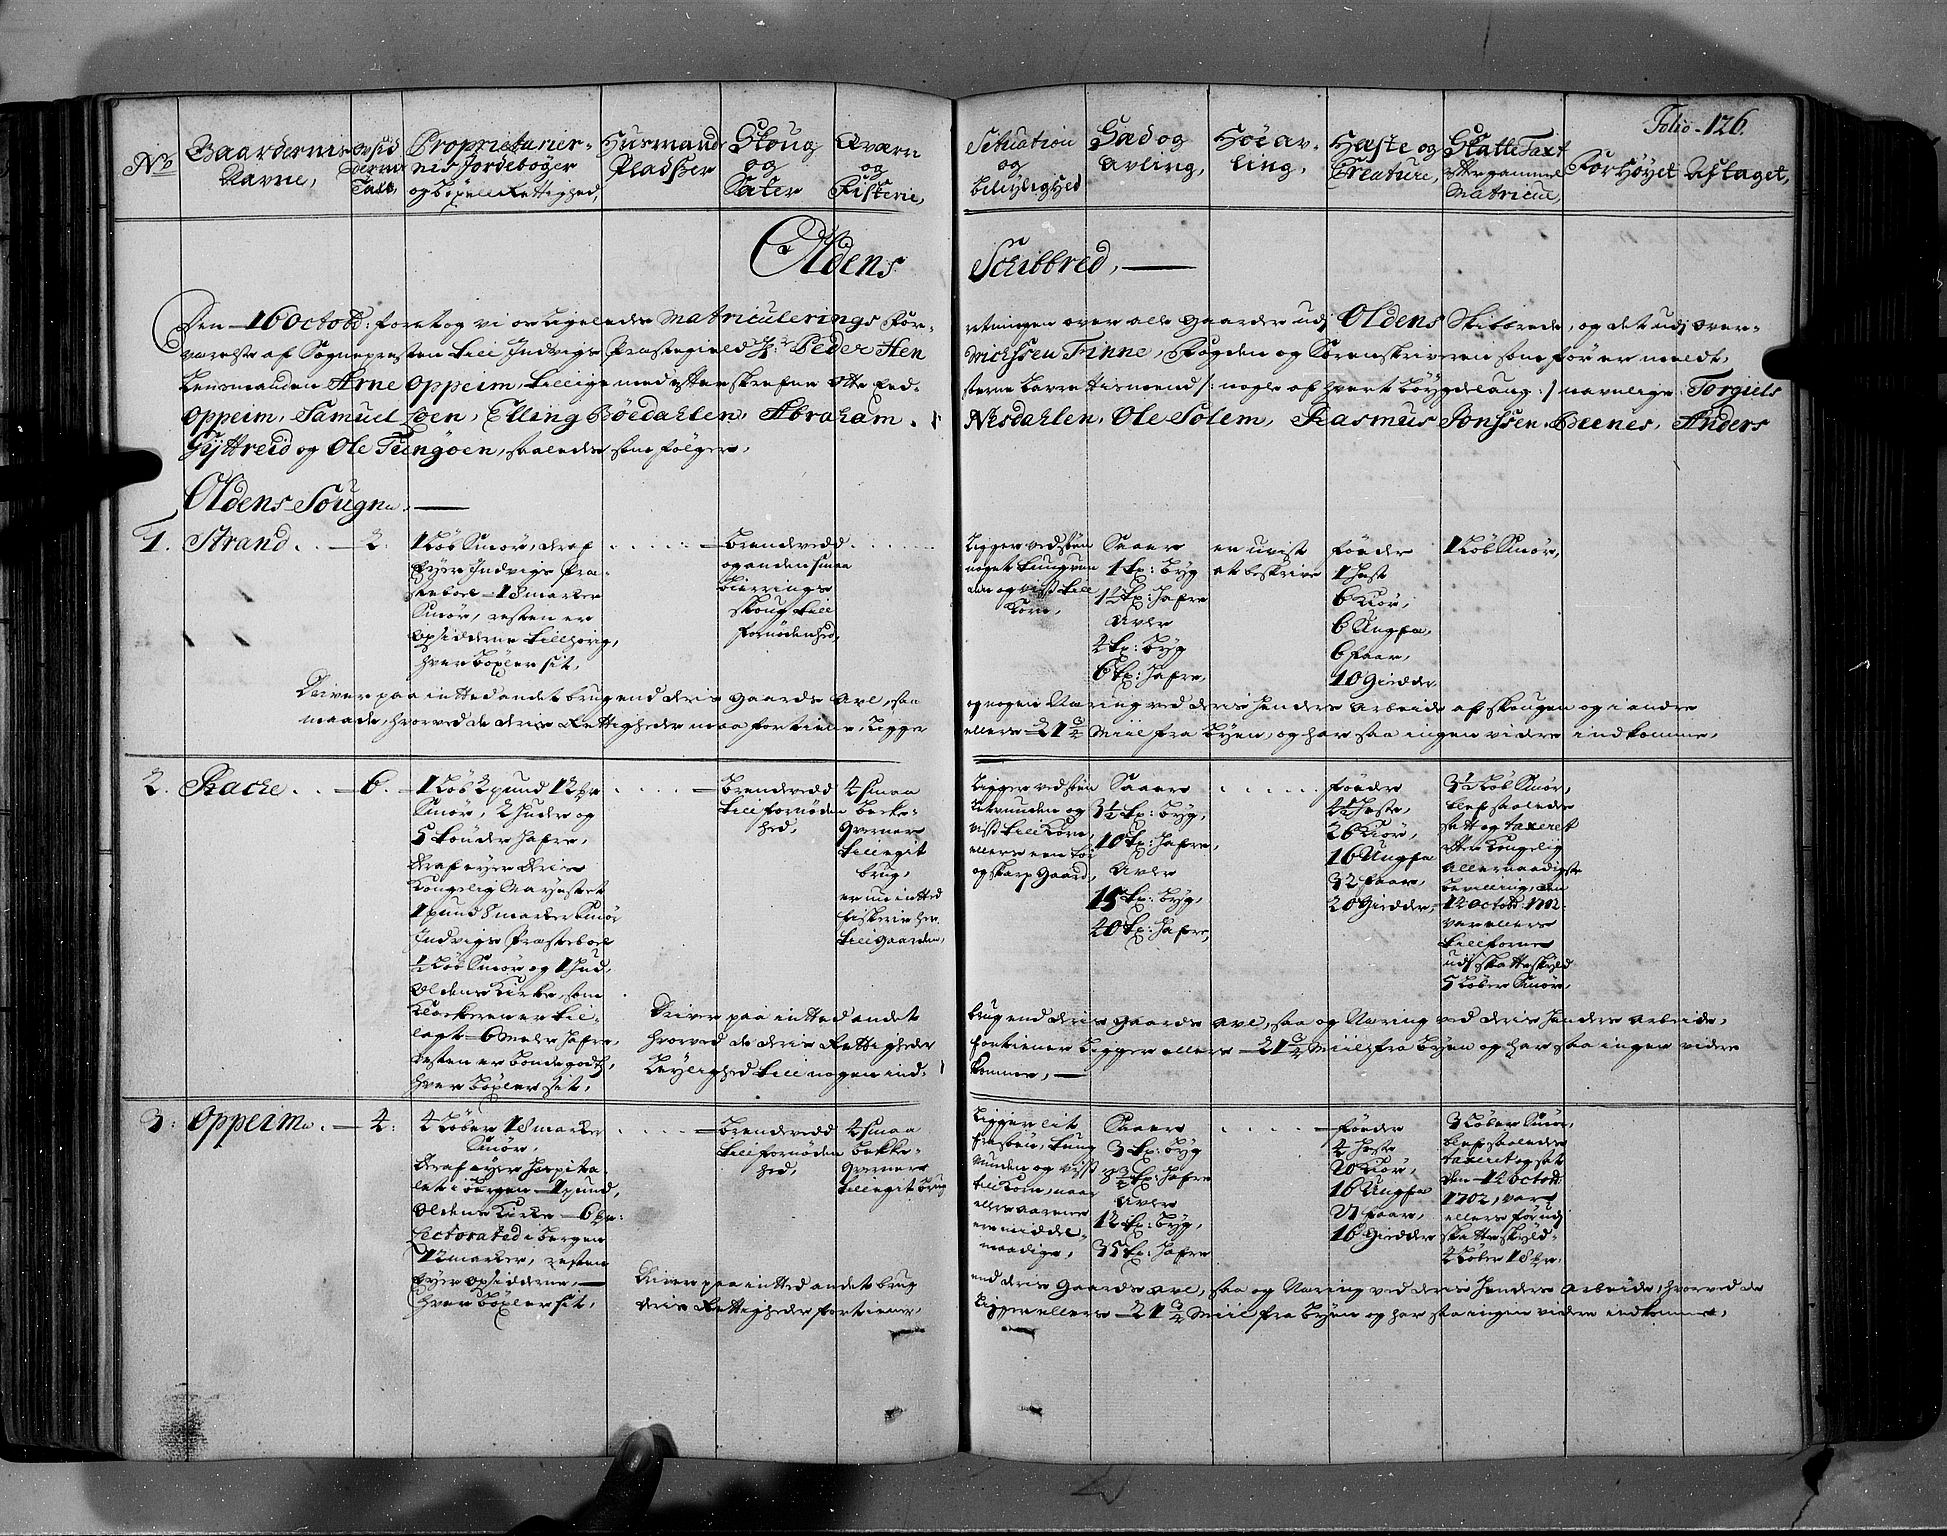 RA, Rentekammeret inntil 1814, Realistisk ordnet avdeling, N/Nb/Nbf/L0146: Sunnfjord og Nordfjord eksaminasjonsprotokoll, 1723, s. 125b-126a